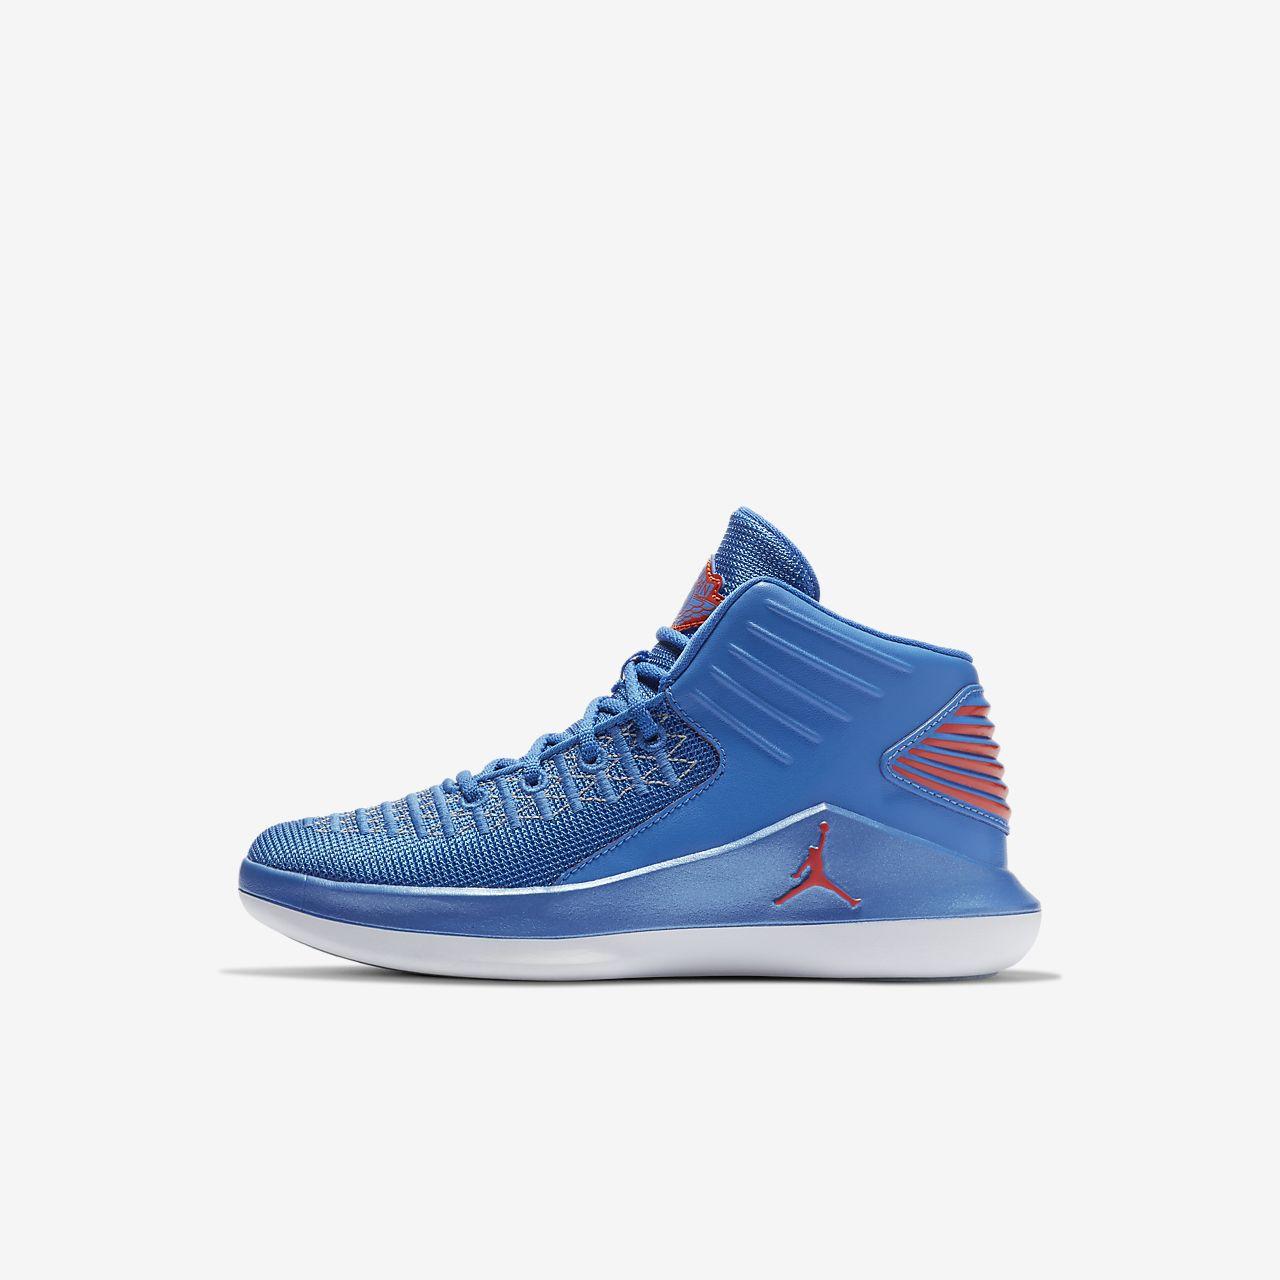 jordan little kids shoes